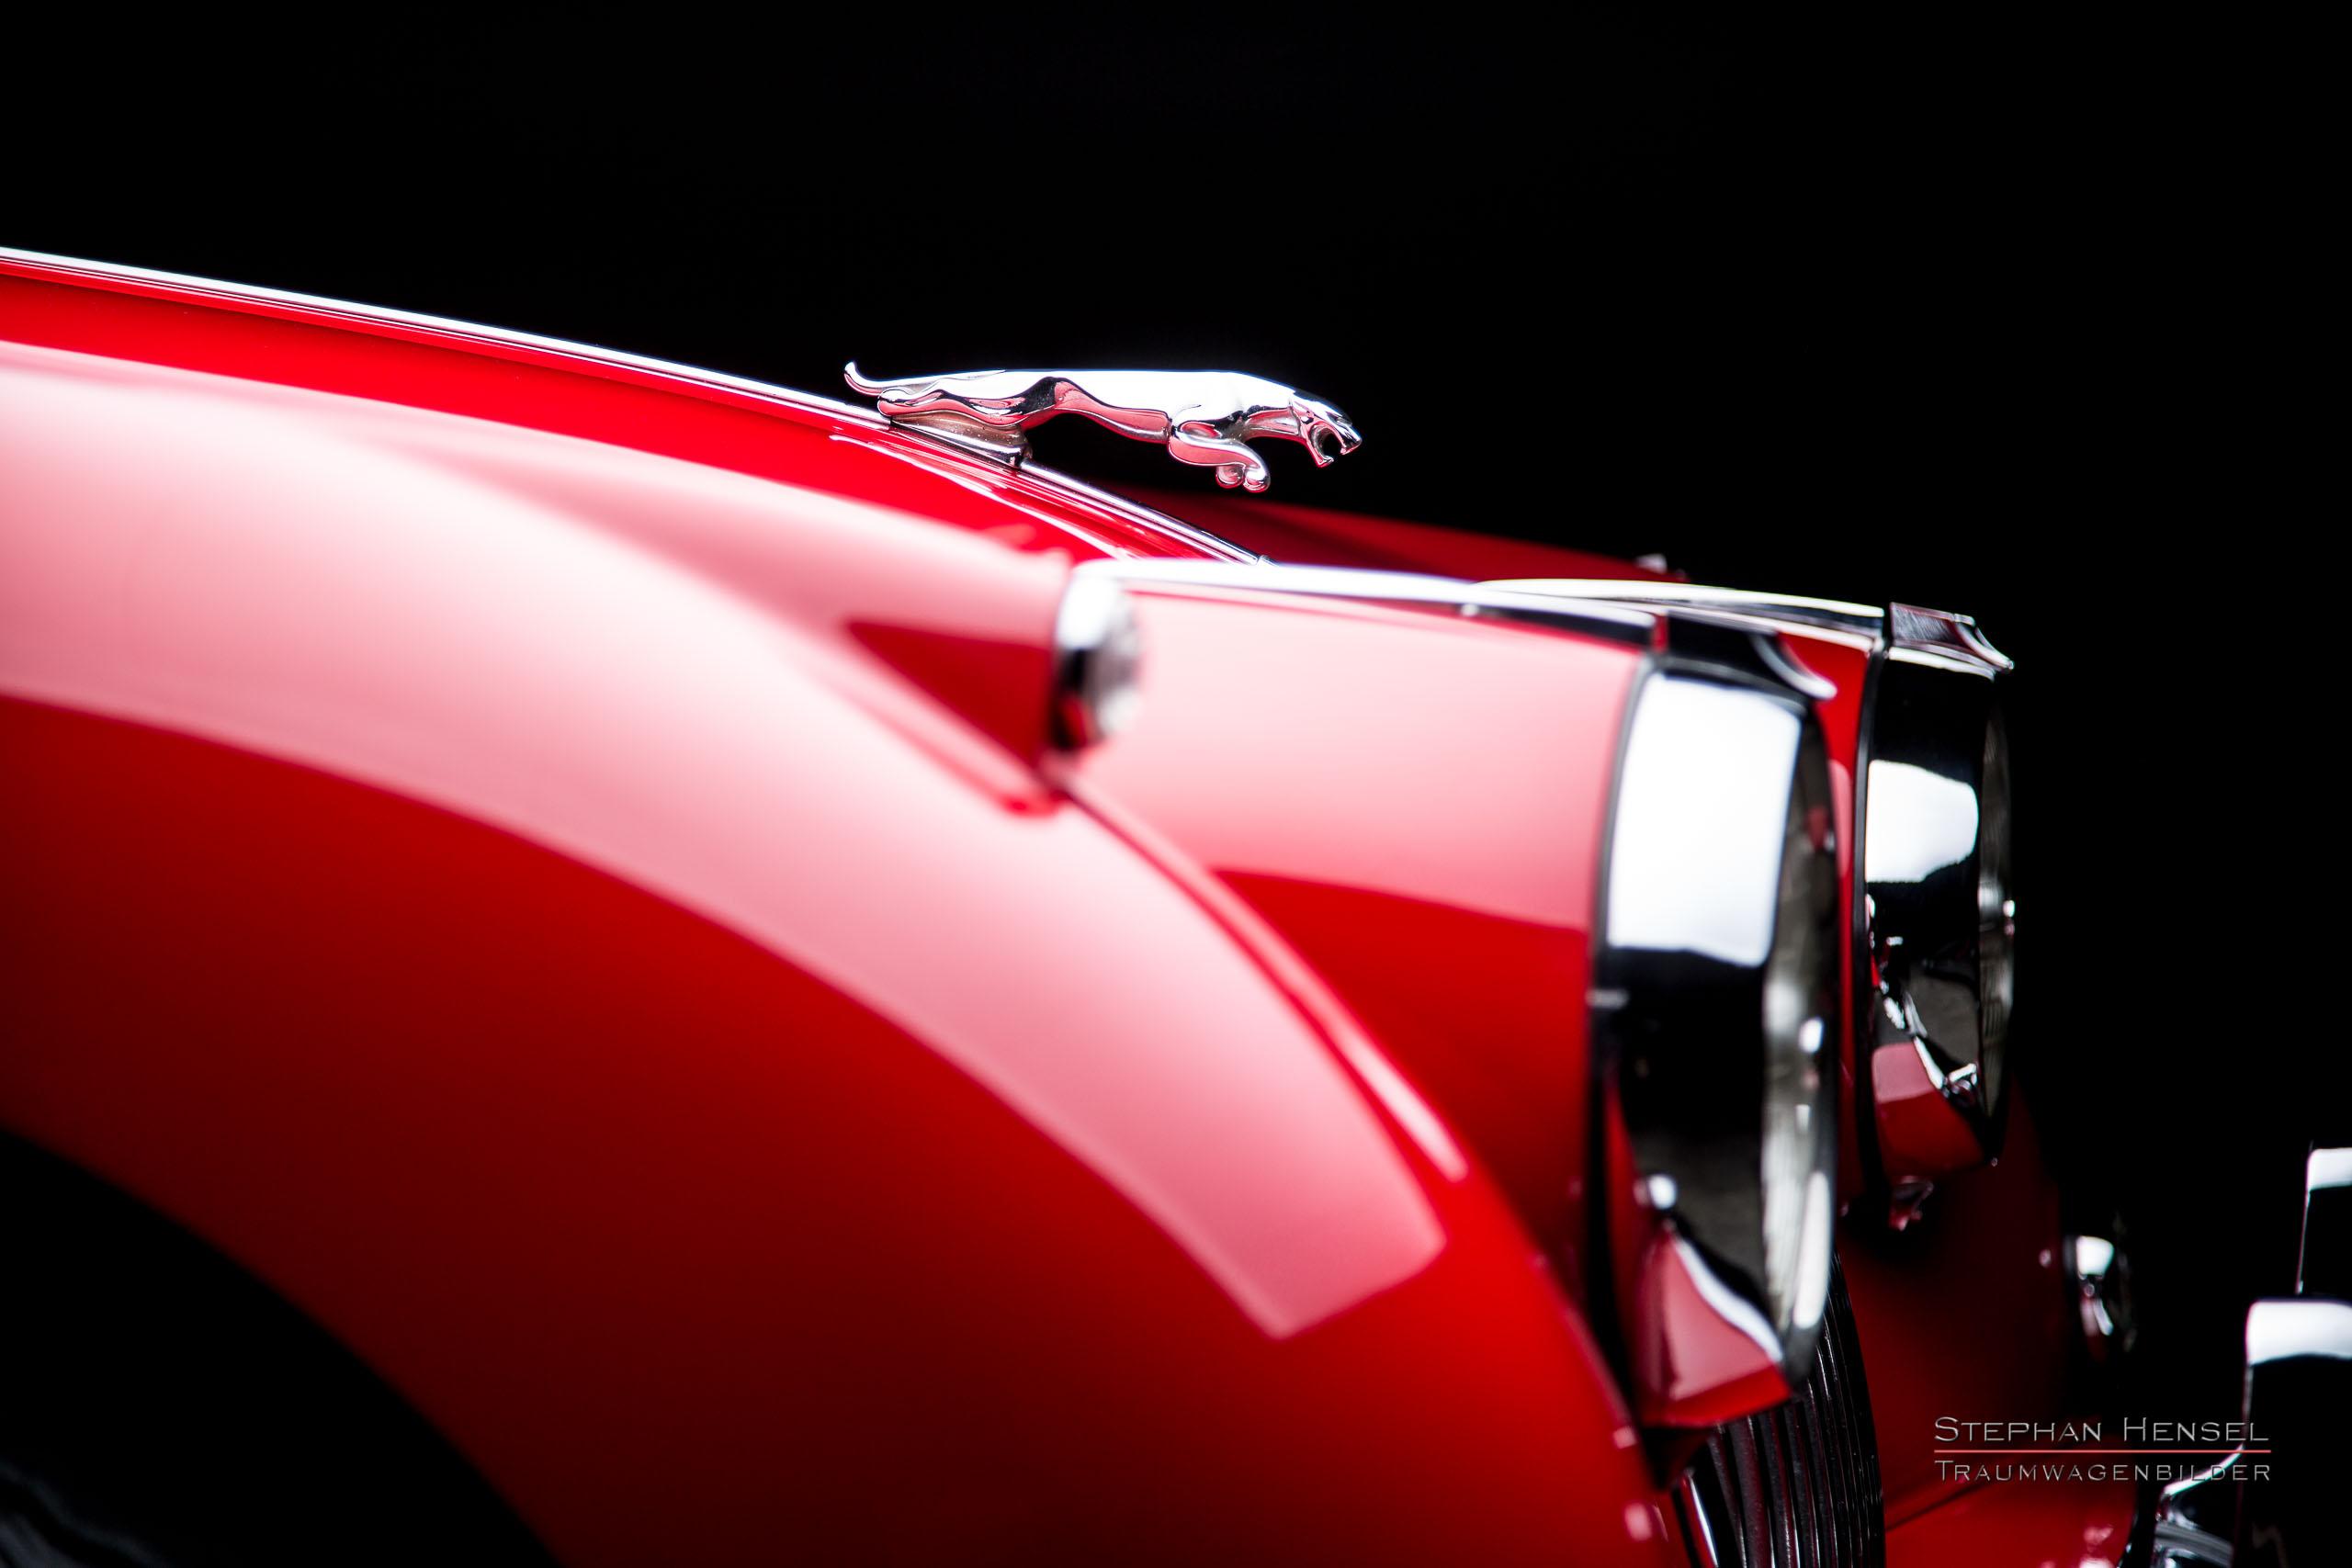 Jaguar XK 150 DHC, 1958, Detailansicht, Autofotograf, Hamburg, Automobilfotograf, Oldtimerfotograf, Oldtimerfotografie, Car Photography, Stephan Hensel